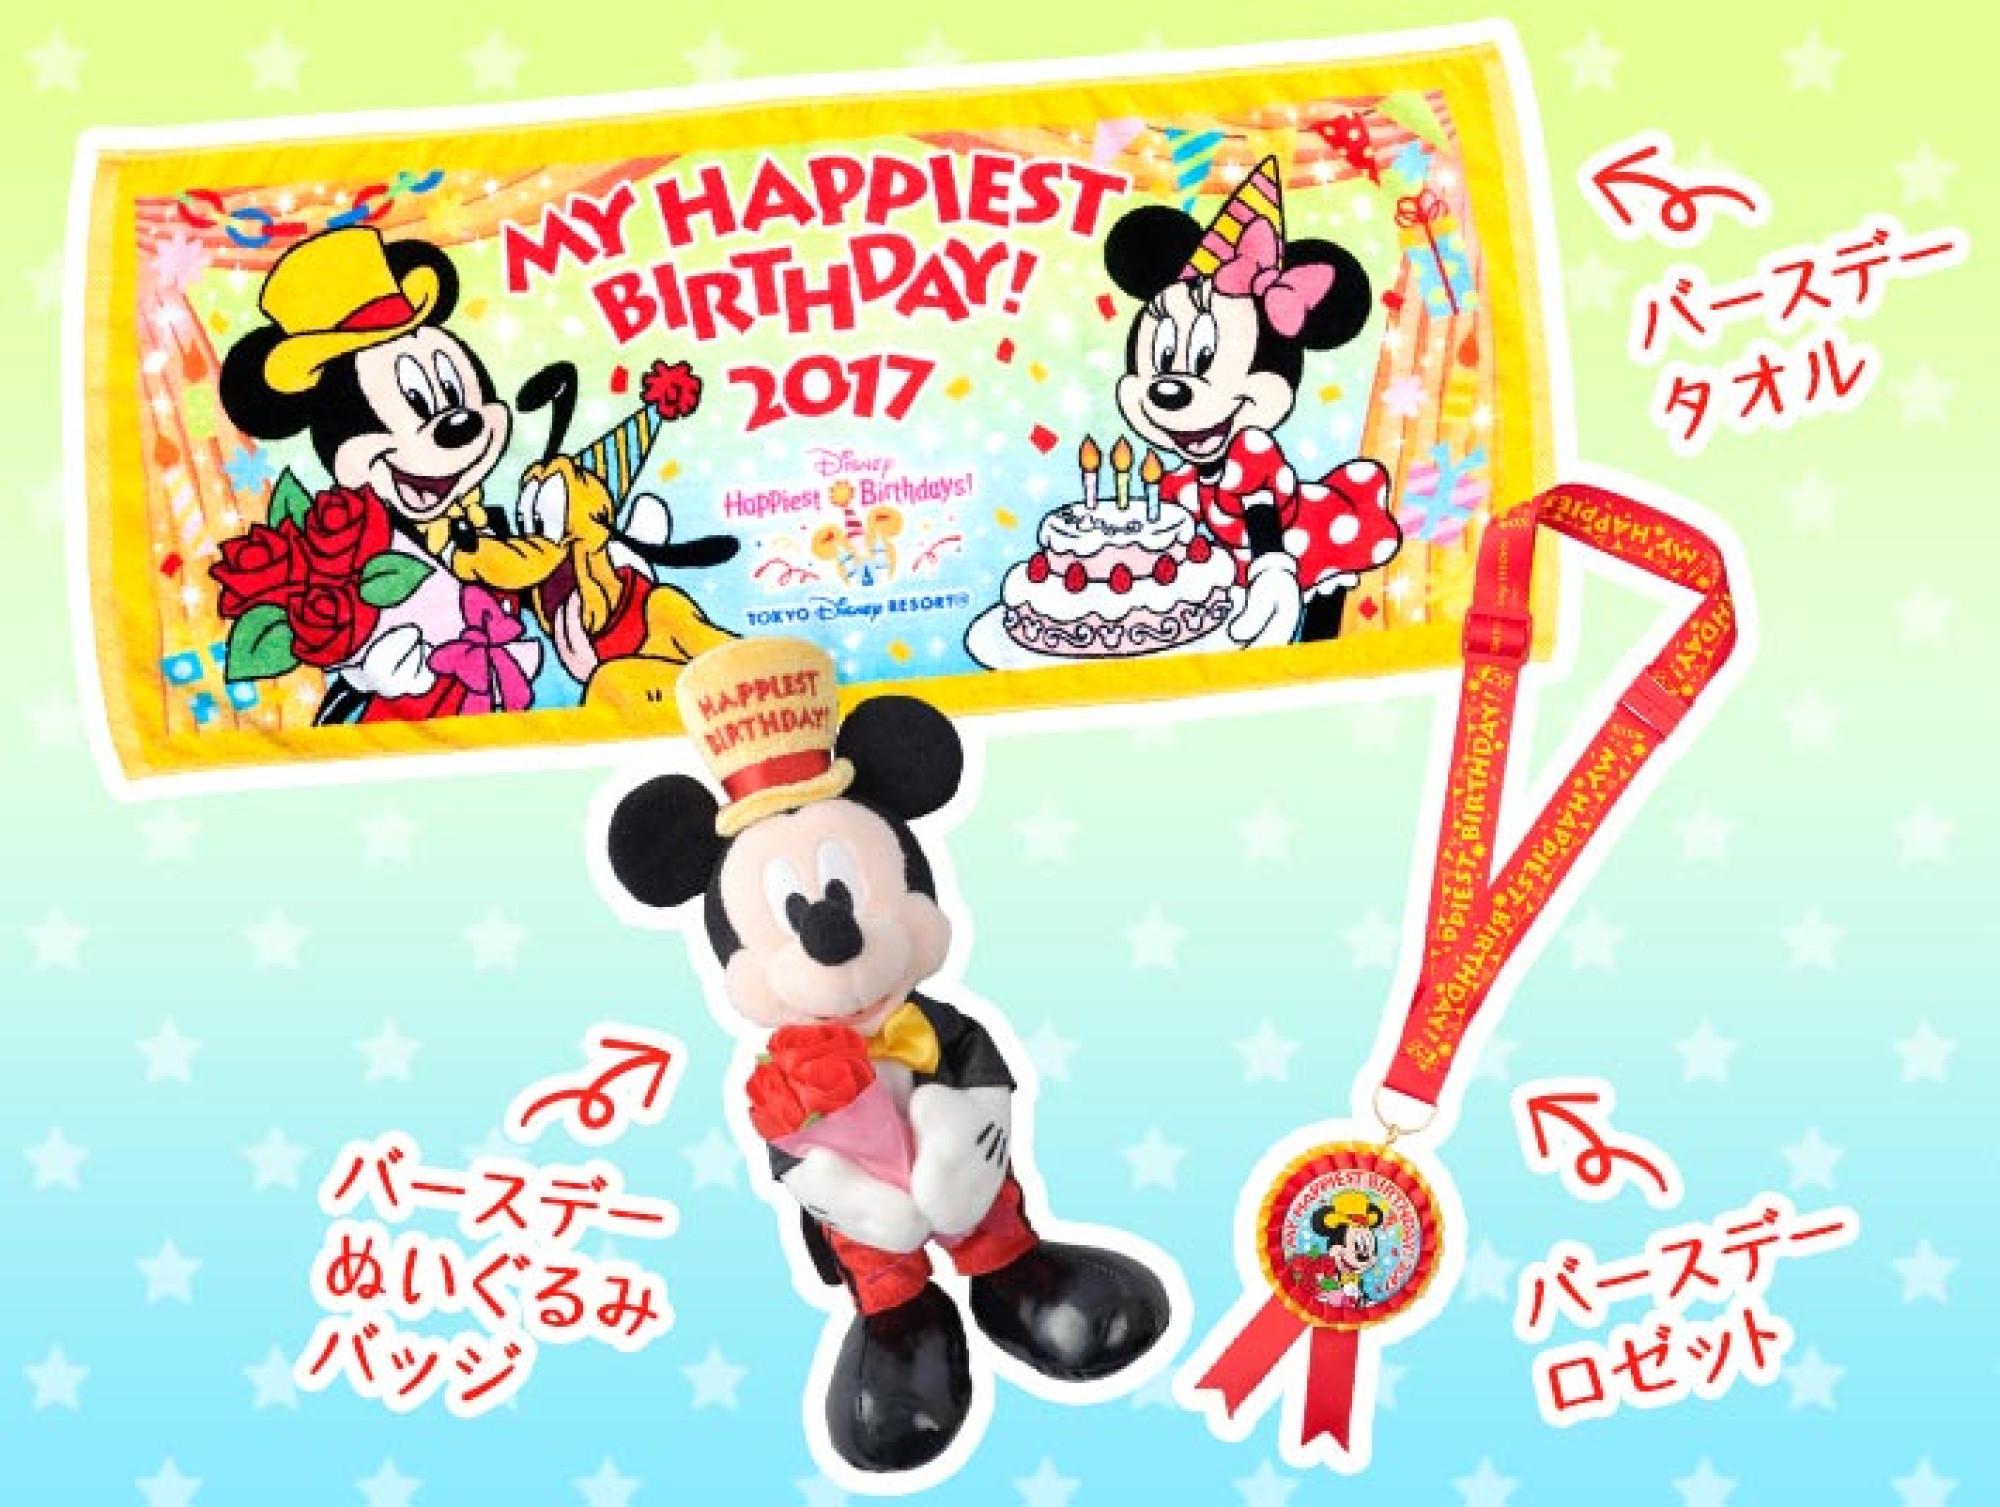 誕生日のお祝いプレゼントはこれで決まり!